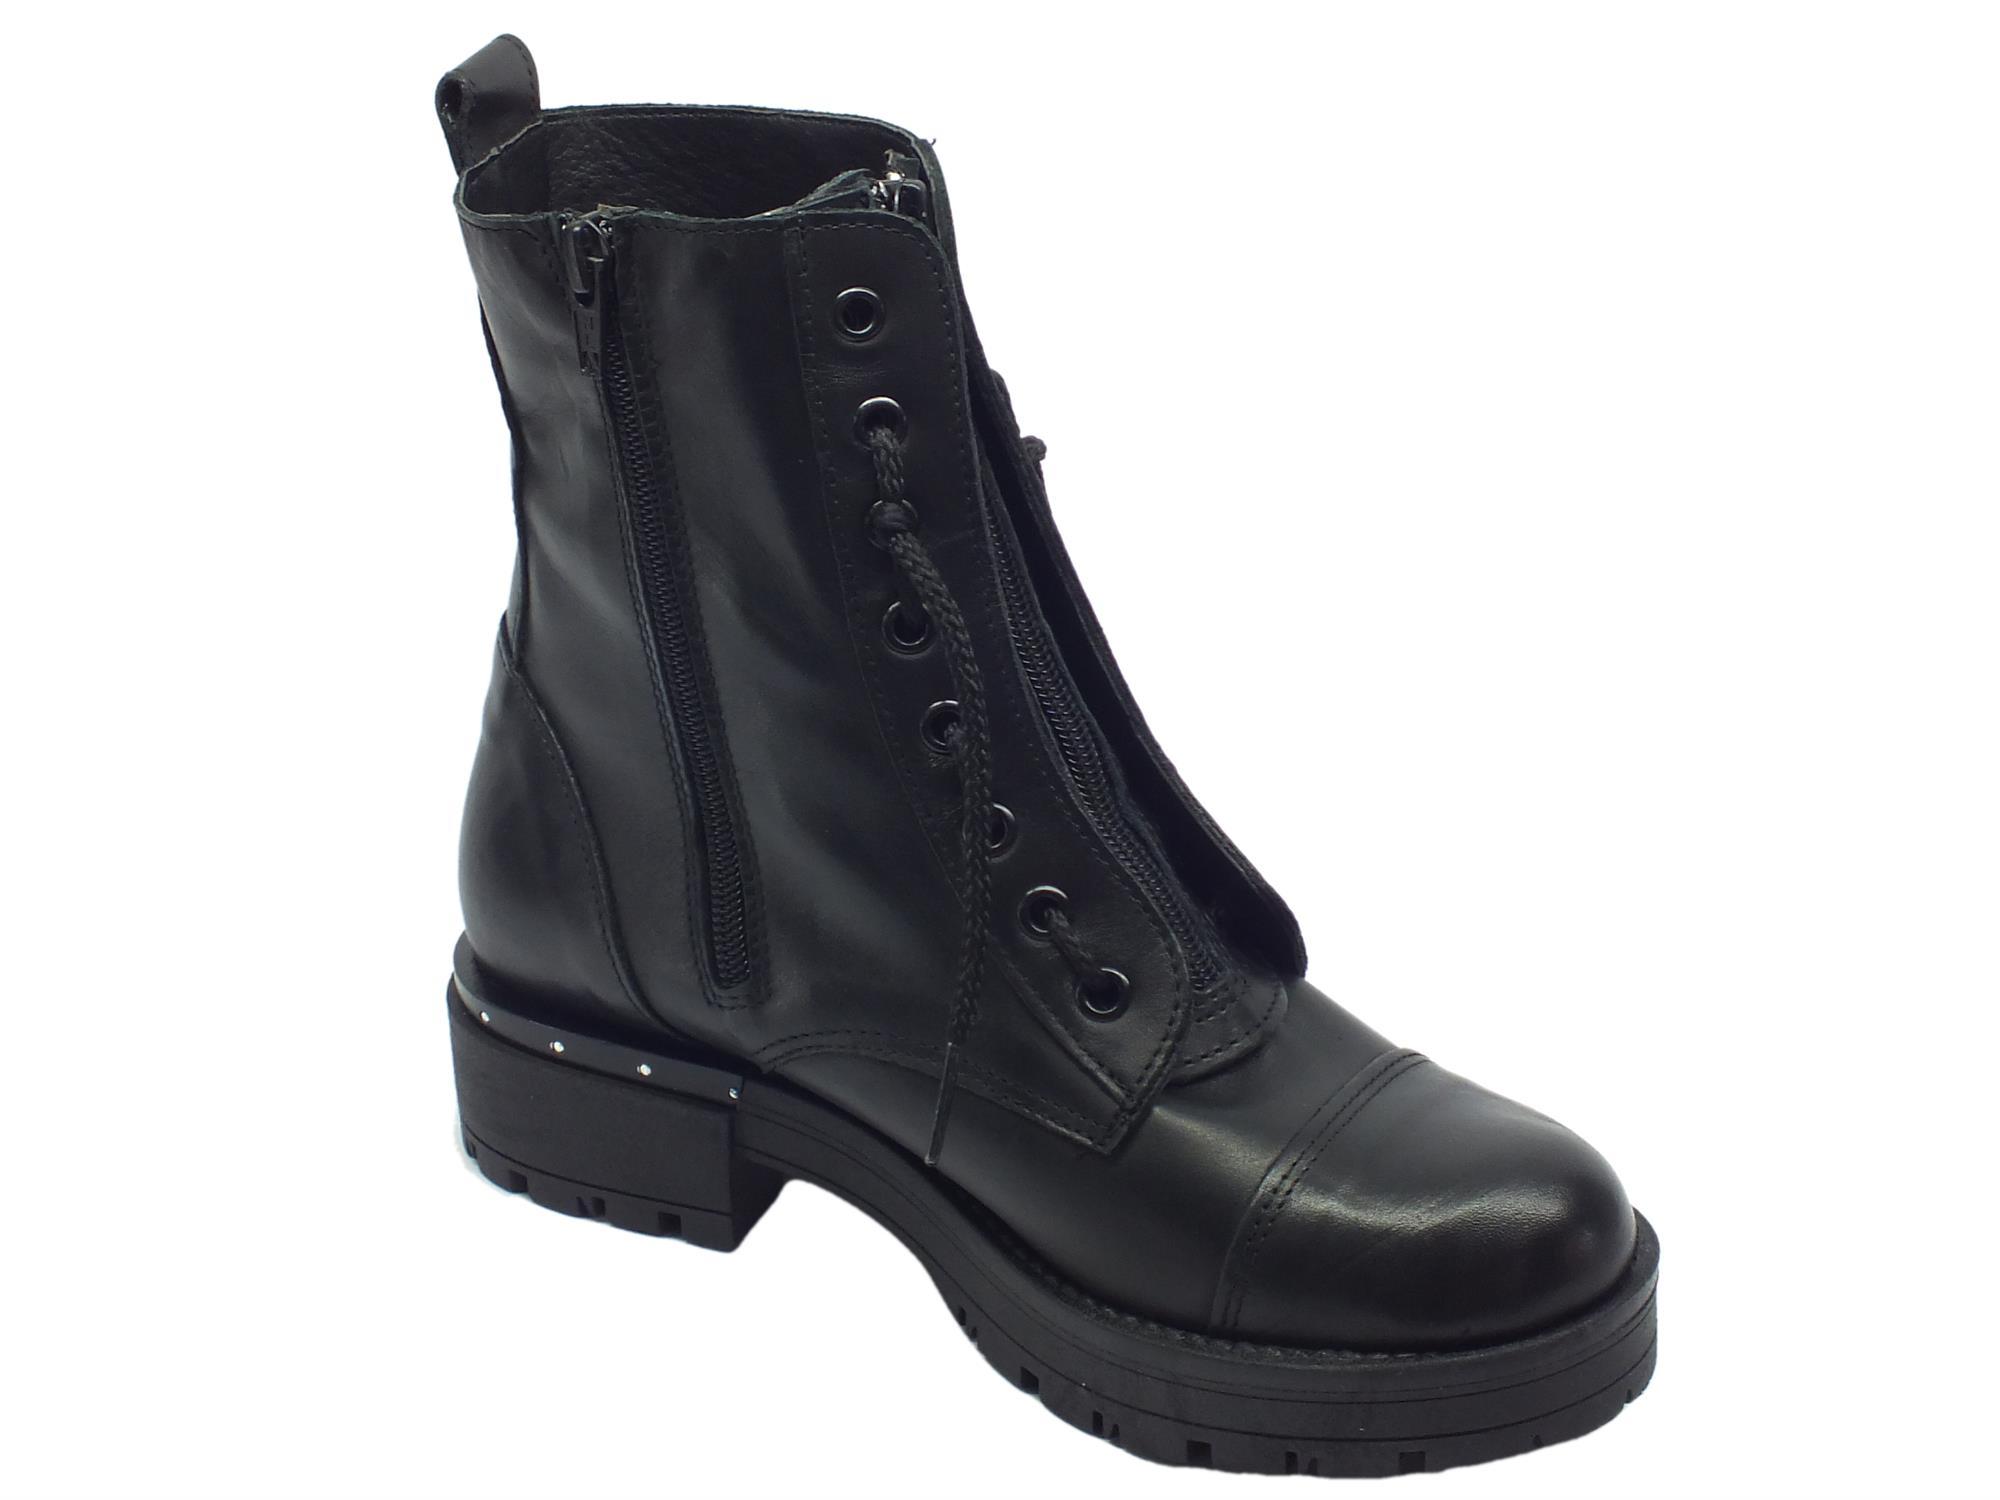 ... Anfibi per donna Vitiello Calzature in pelle nera con lacci e lampo ... 9ab88273951